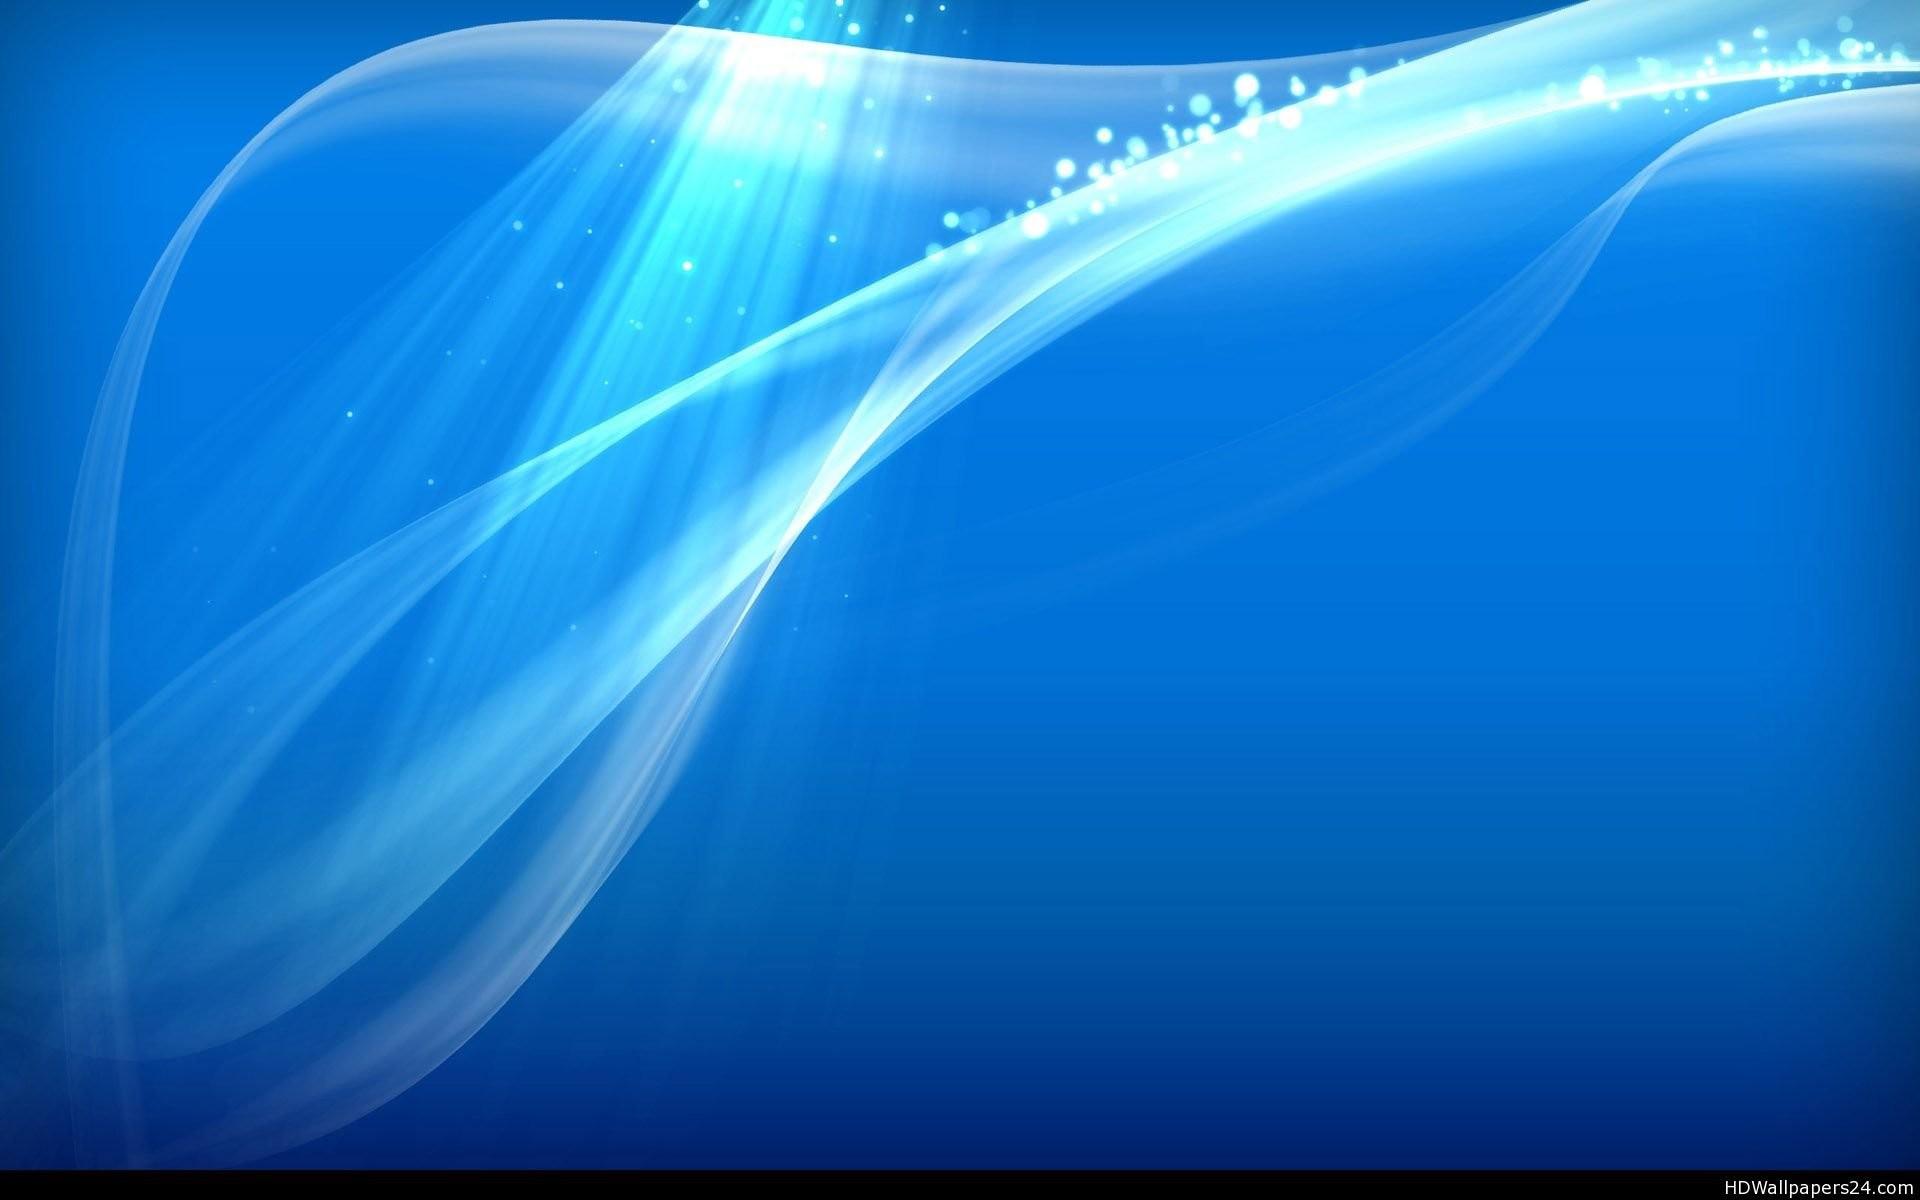 Cute Light Blue Wallpaper 1920×1200